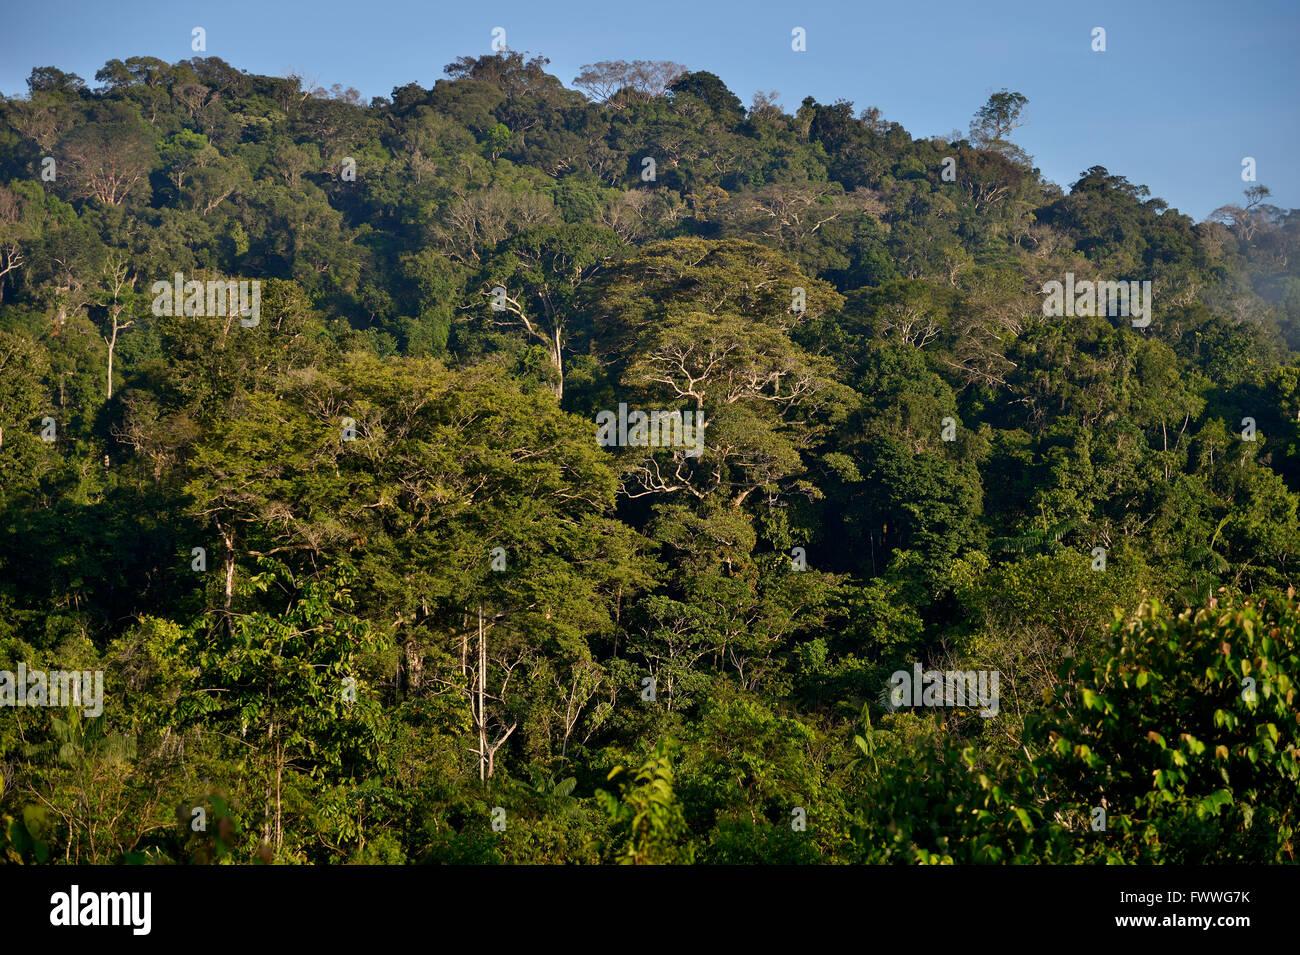 Selva Amazónica, distrito de Itaituba, Pará, Brasil Imagen De Stock